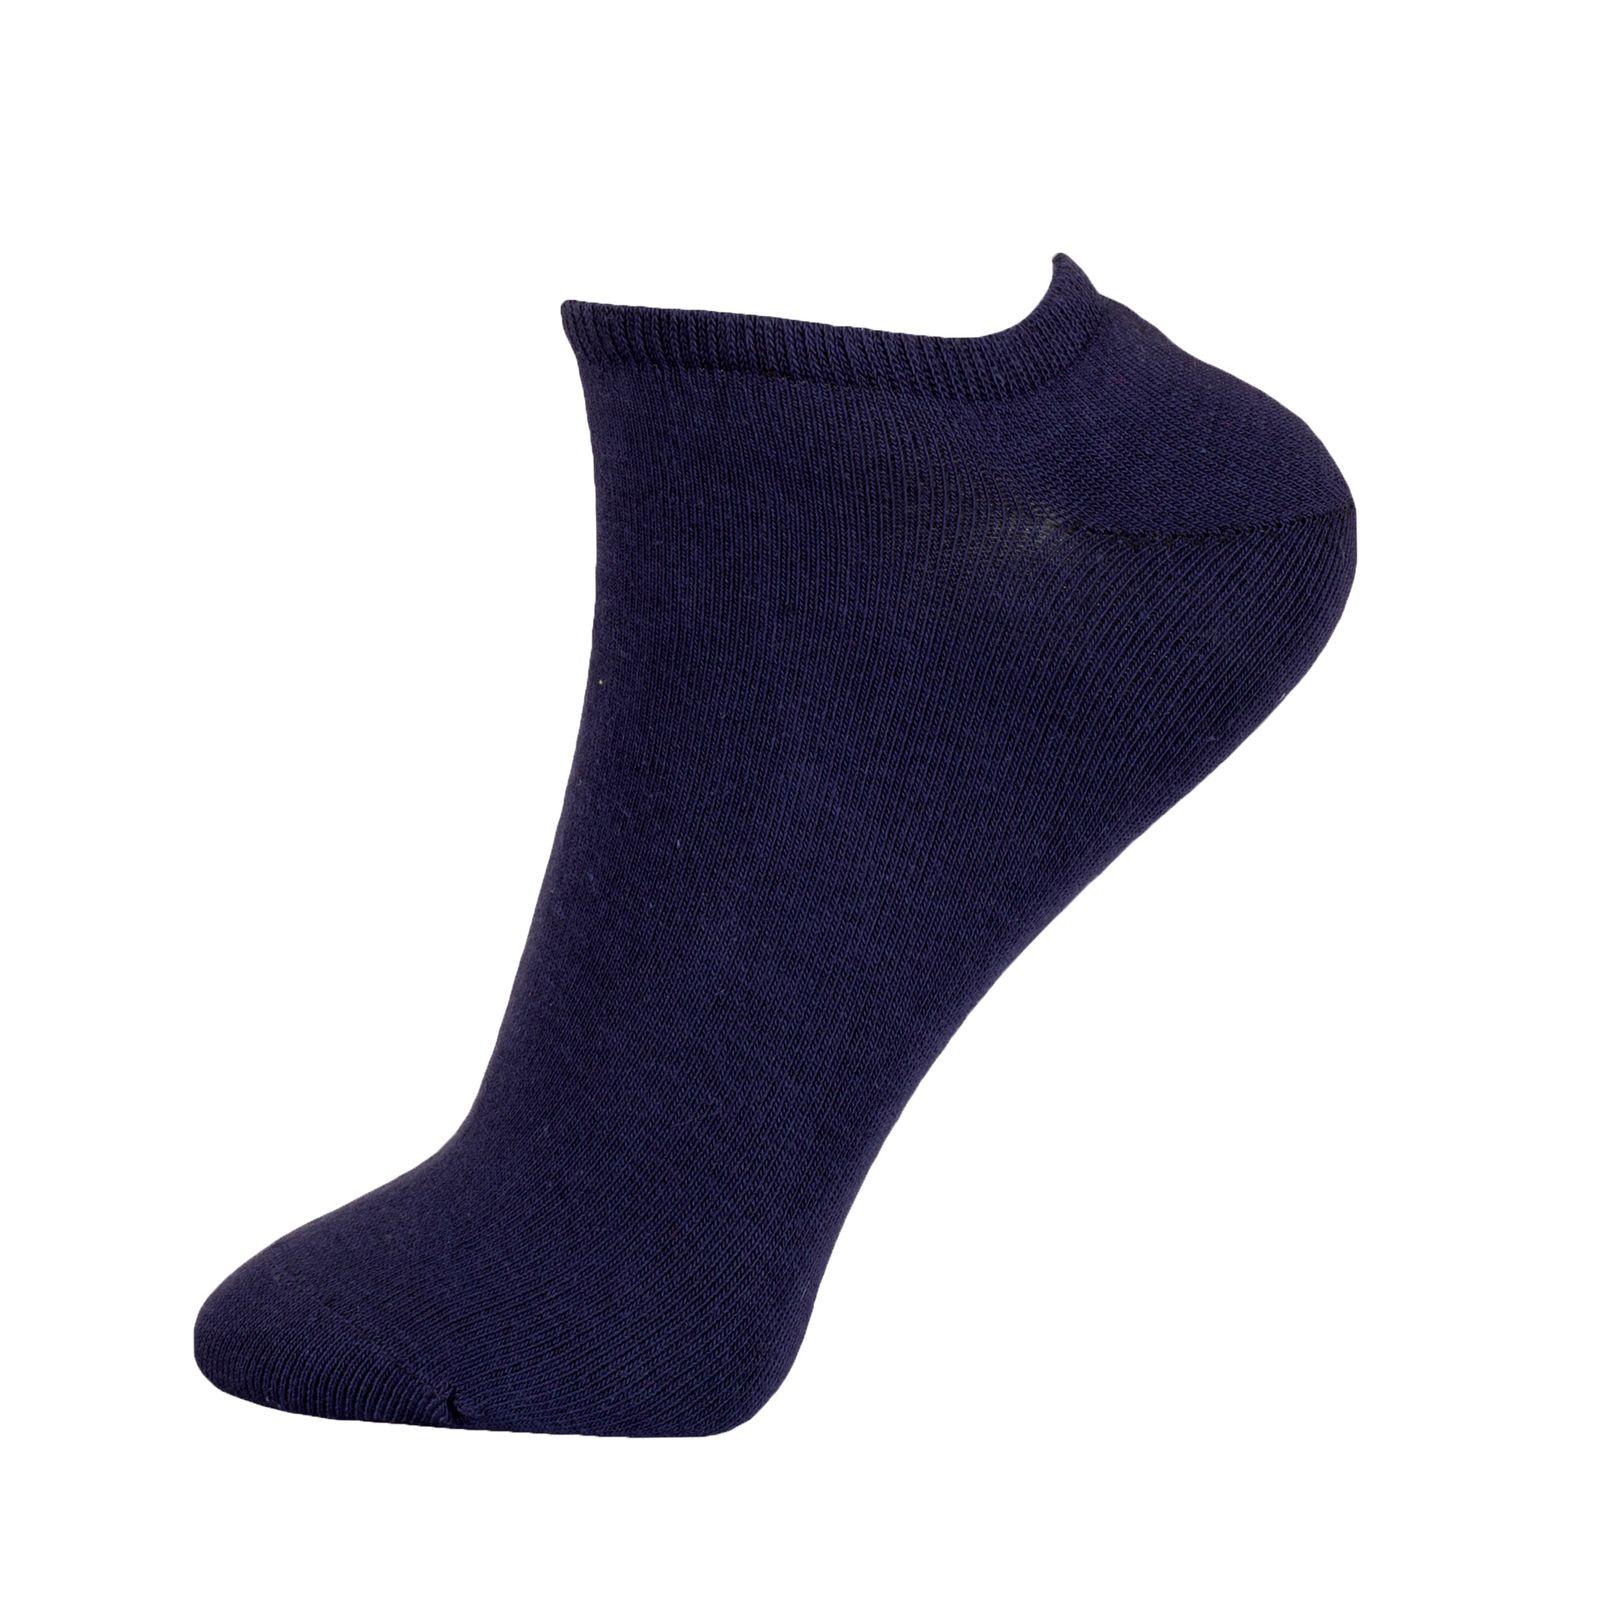 جوراب زنانه مستر جوراب کد BL-MRM 201 -  - 2